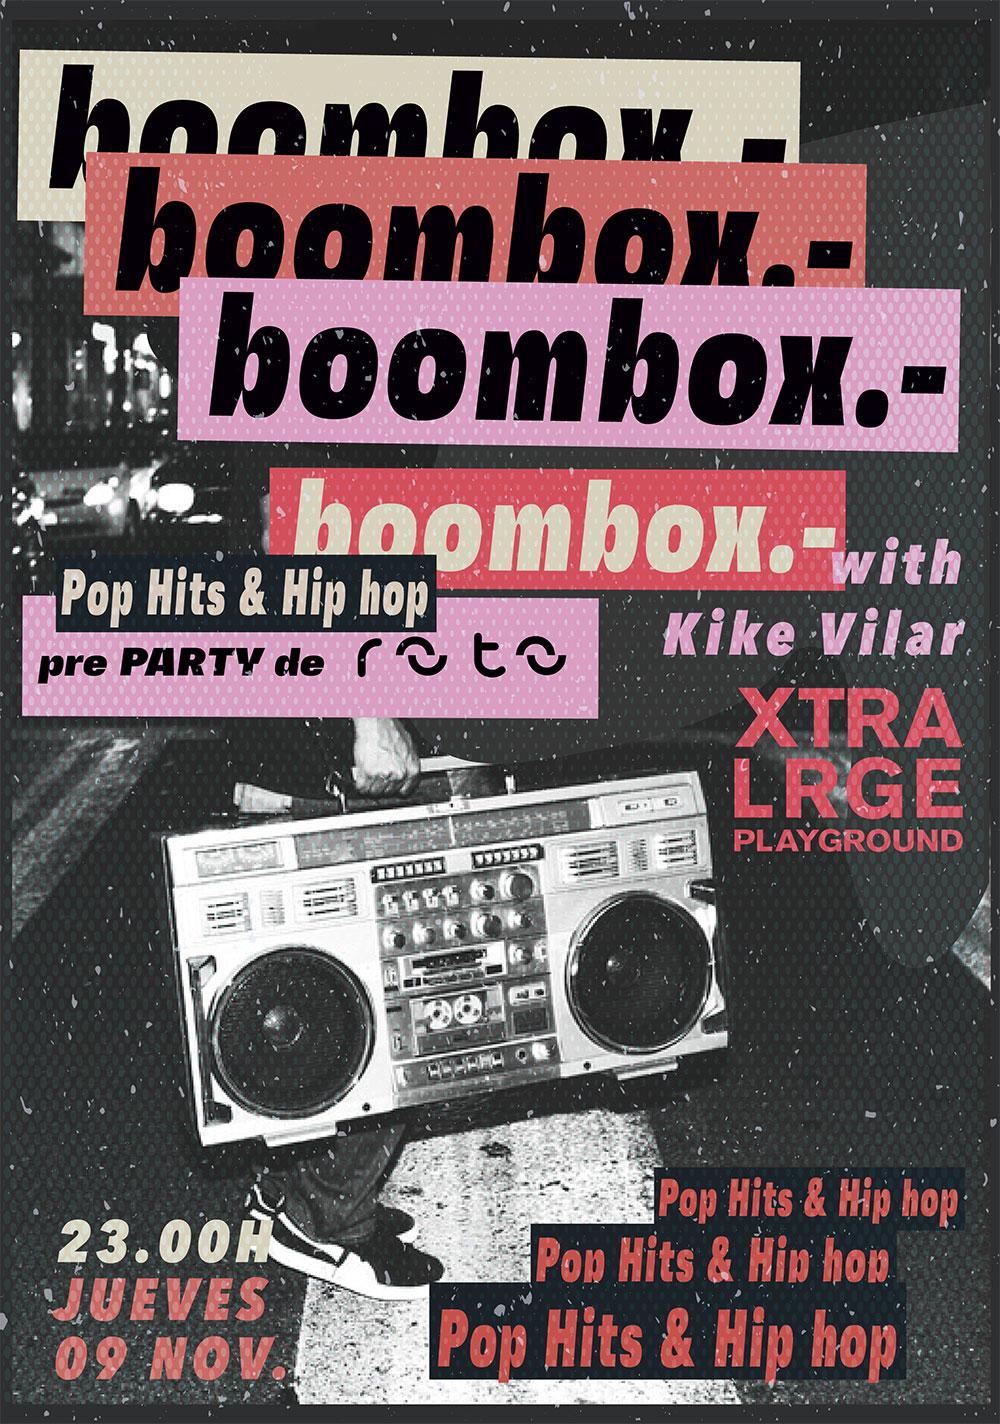 boombox_xlxtralrgevalencia